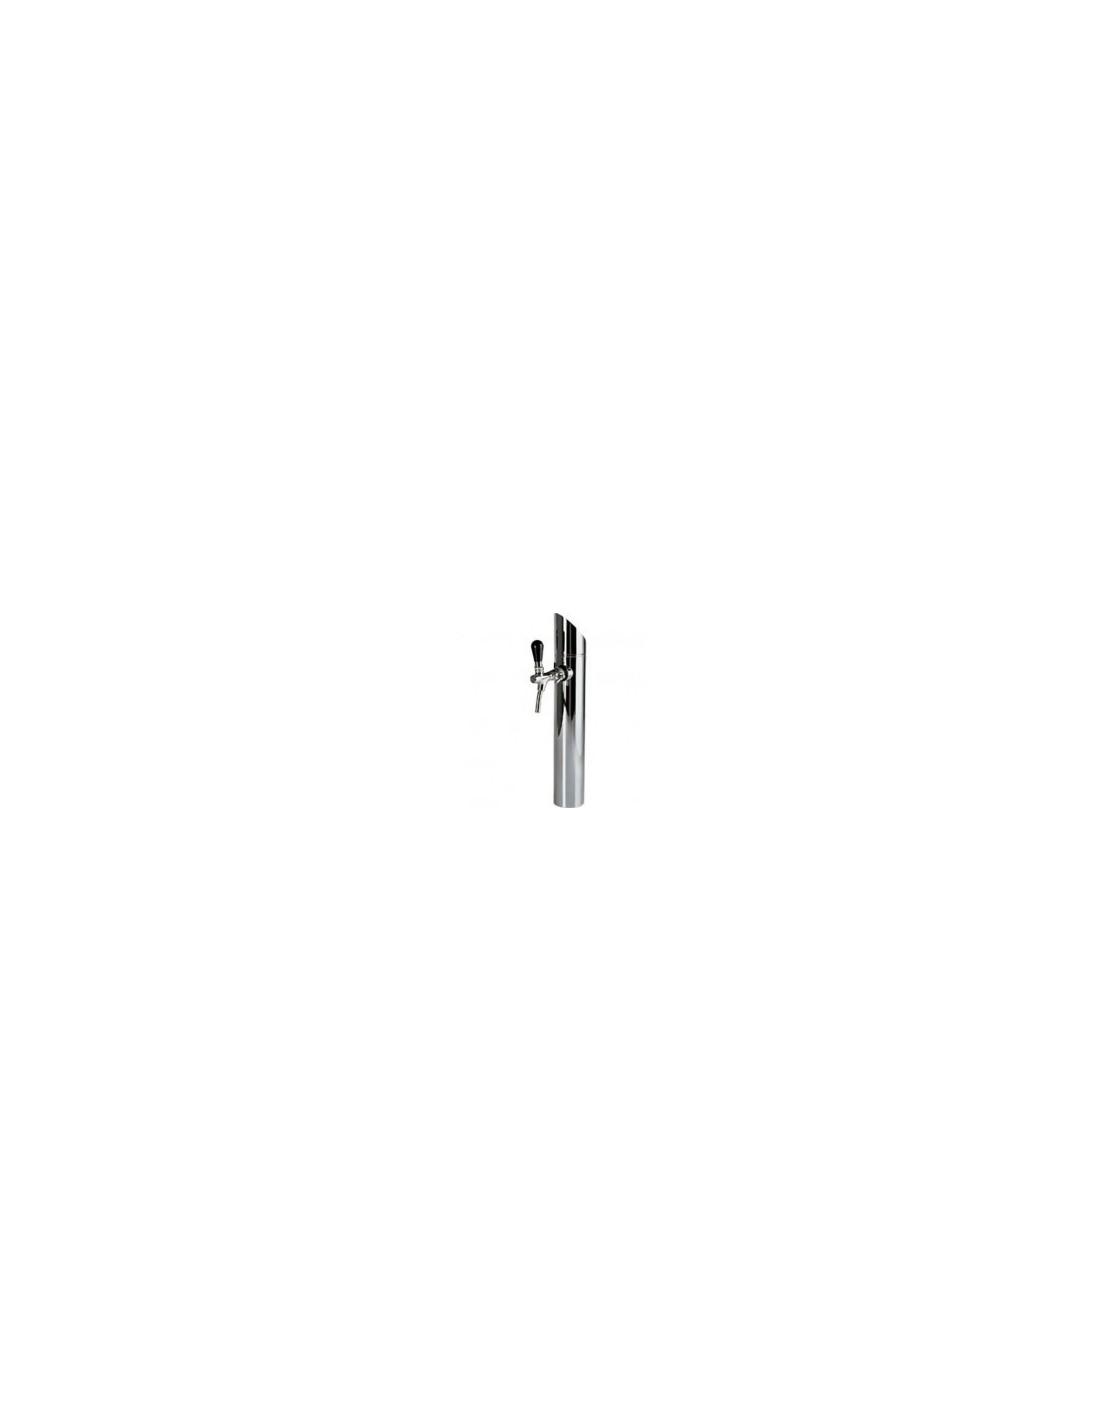 """STM02084 - Tapptorn komplett - Tapptorn """"Prisma"""" i rostfritt stål för en kran (köpes separat)"""